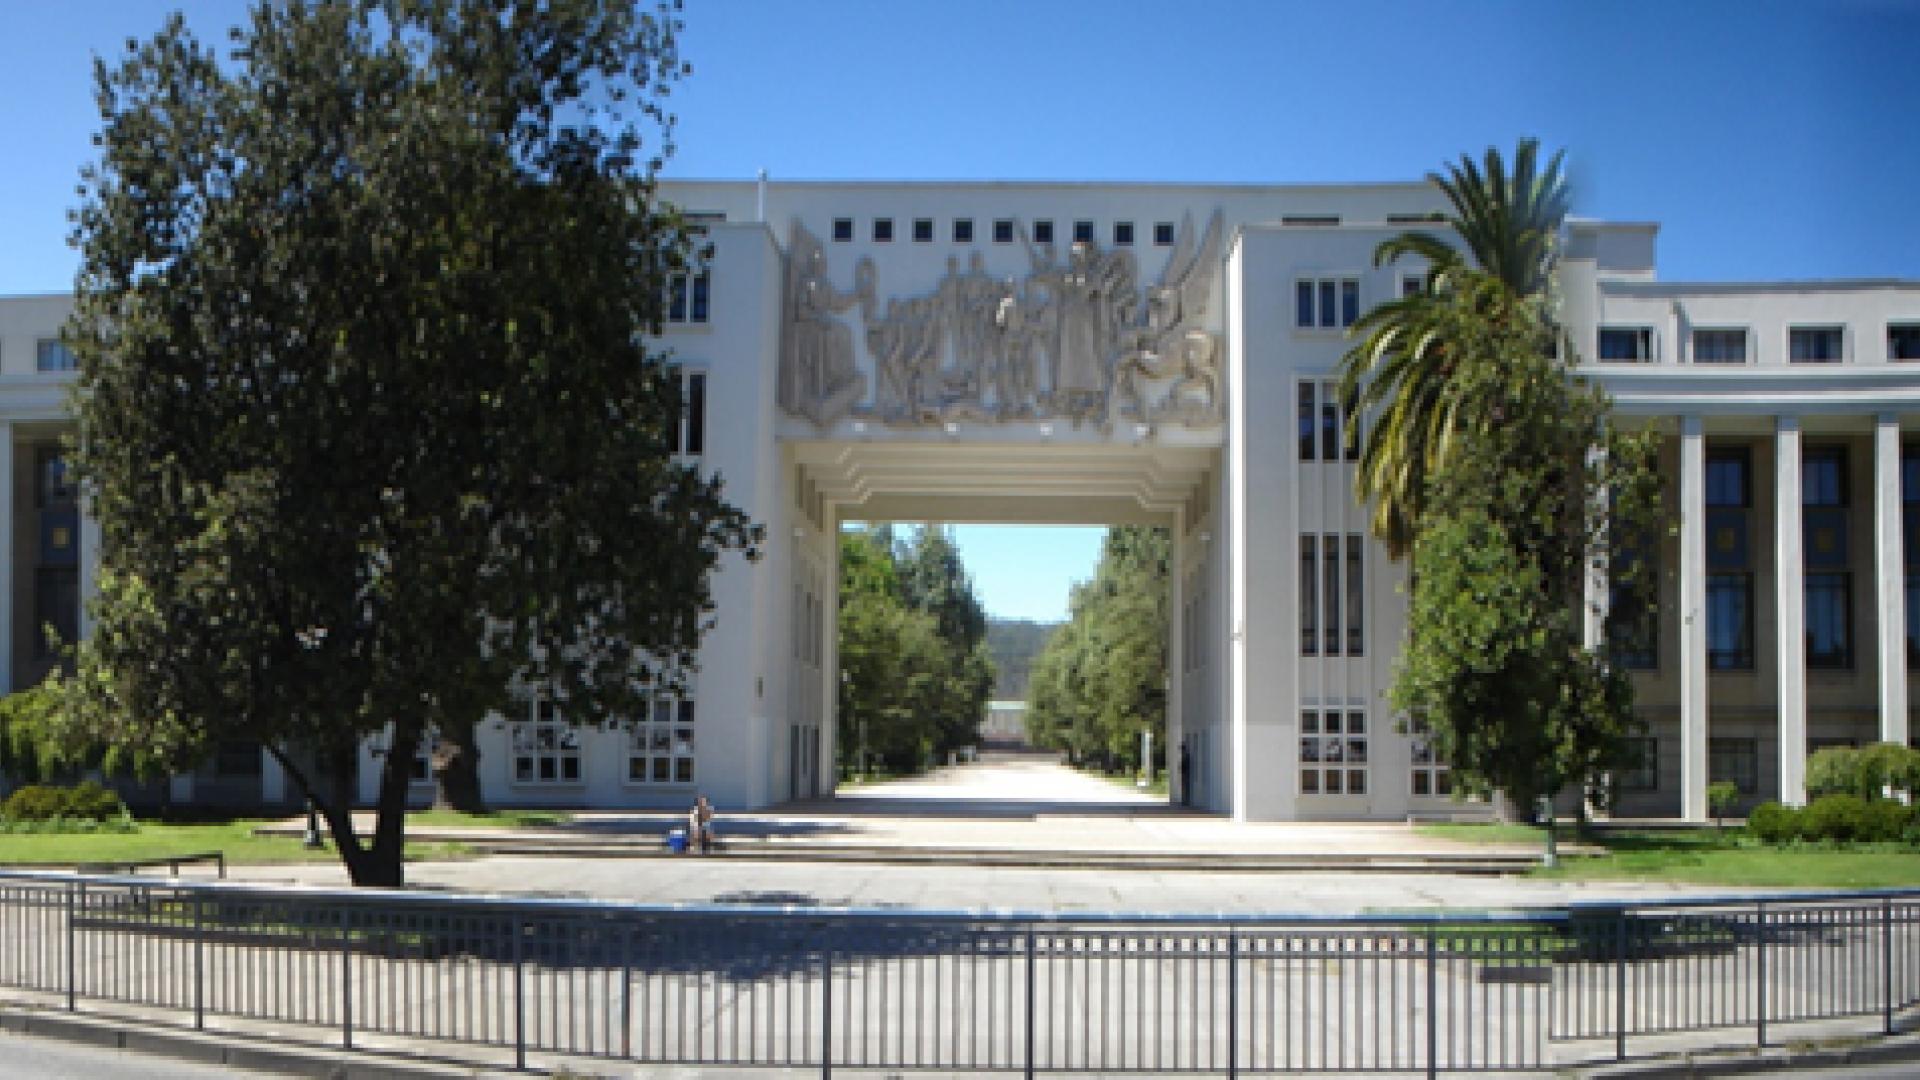 Imagen de Aprueban declaratoria como Monumento Histórico de Ciudad Universitaria en la Universidad de Concepción